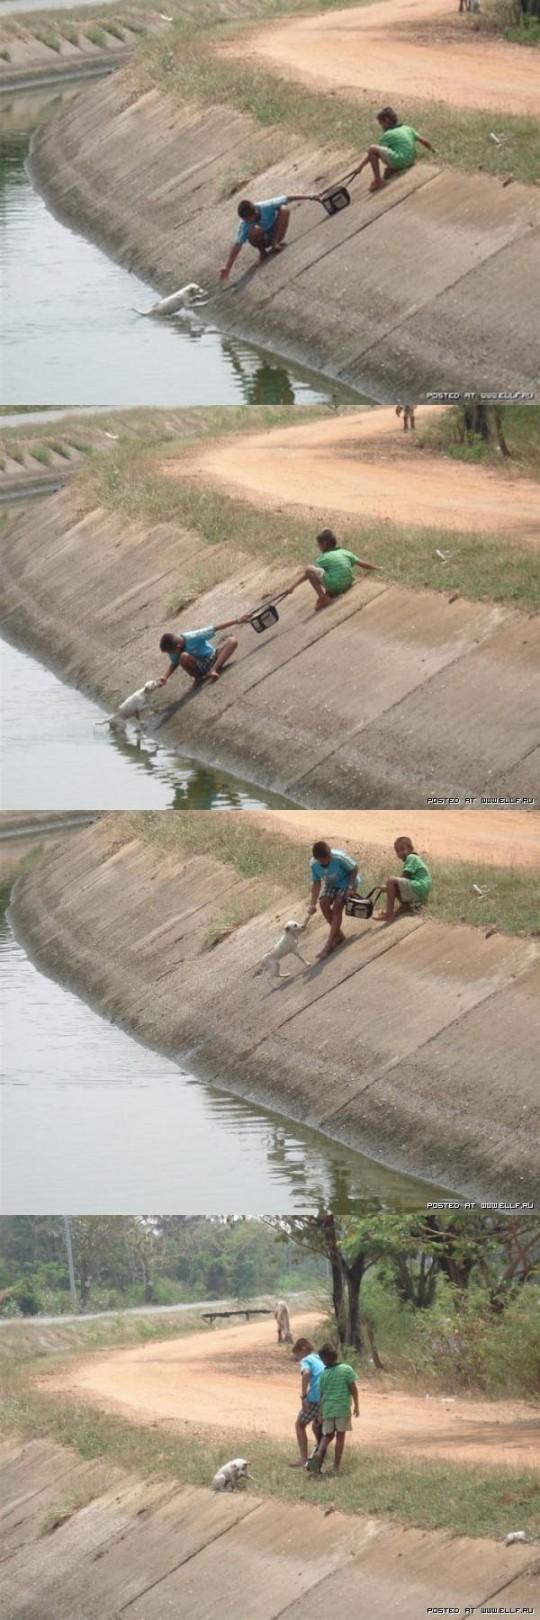 Kids Save Dog In Drain